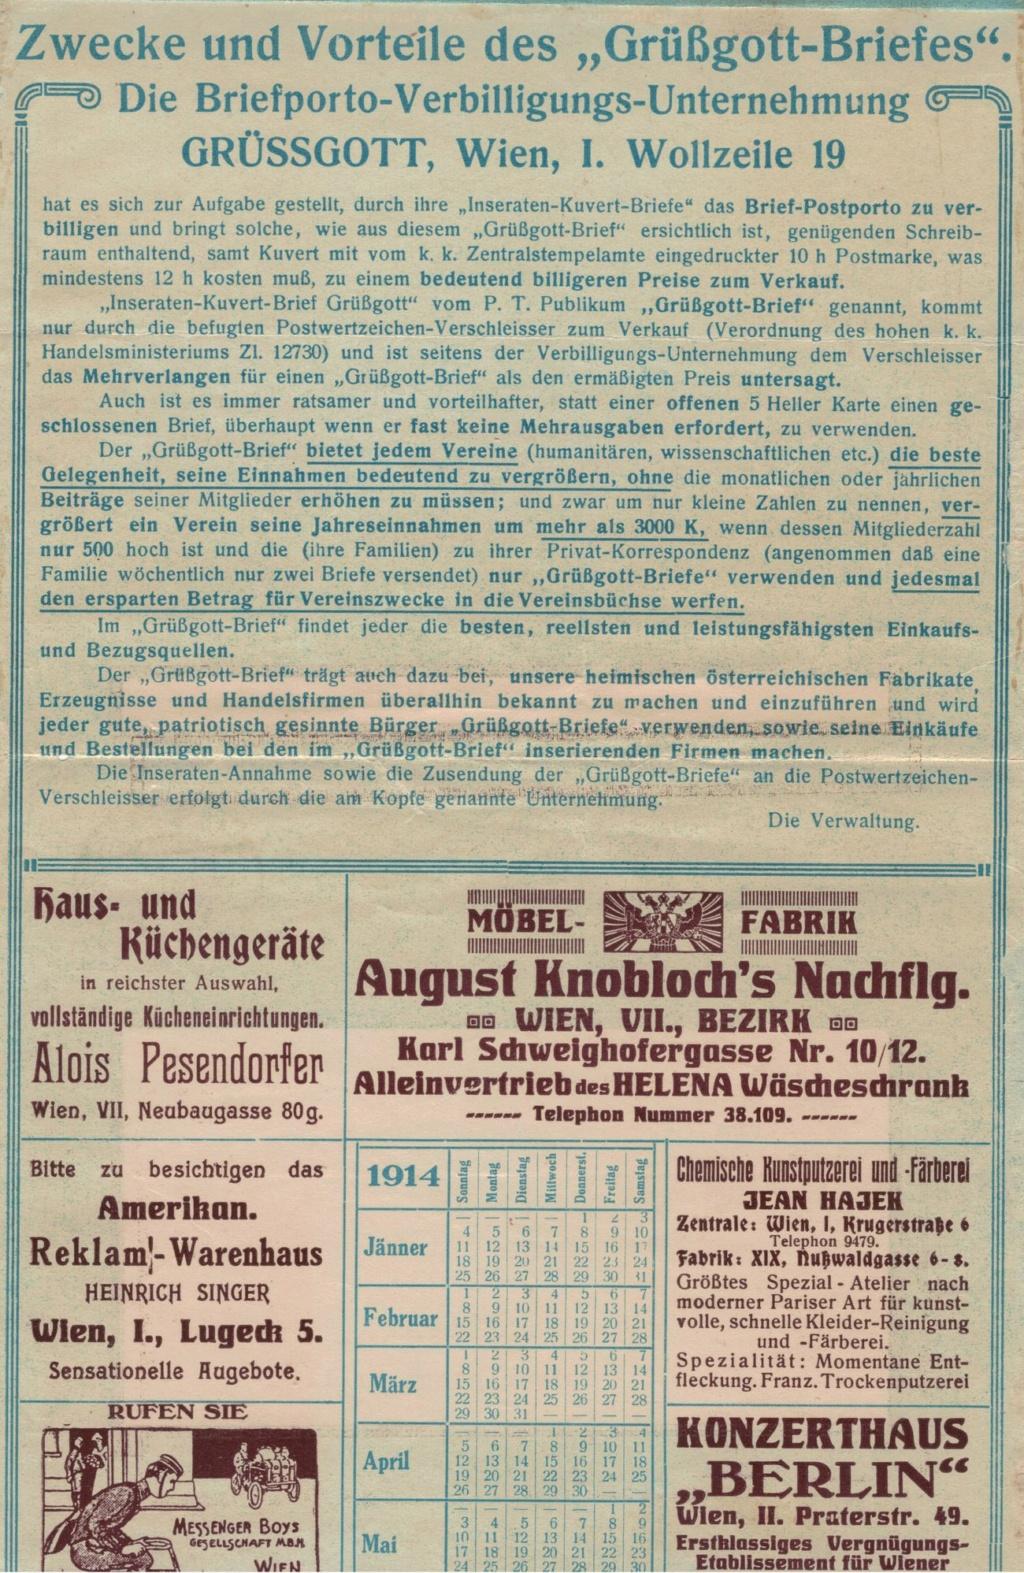 Die Freimarkenausgabe 1908 - Seite 6 Grzzgo11